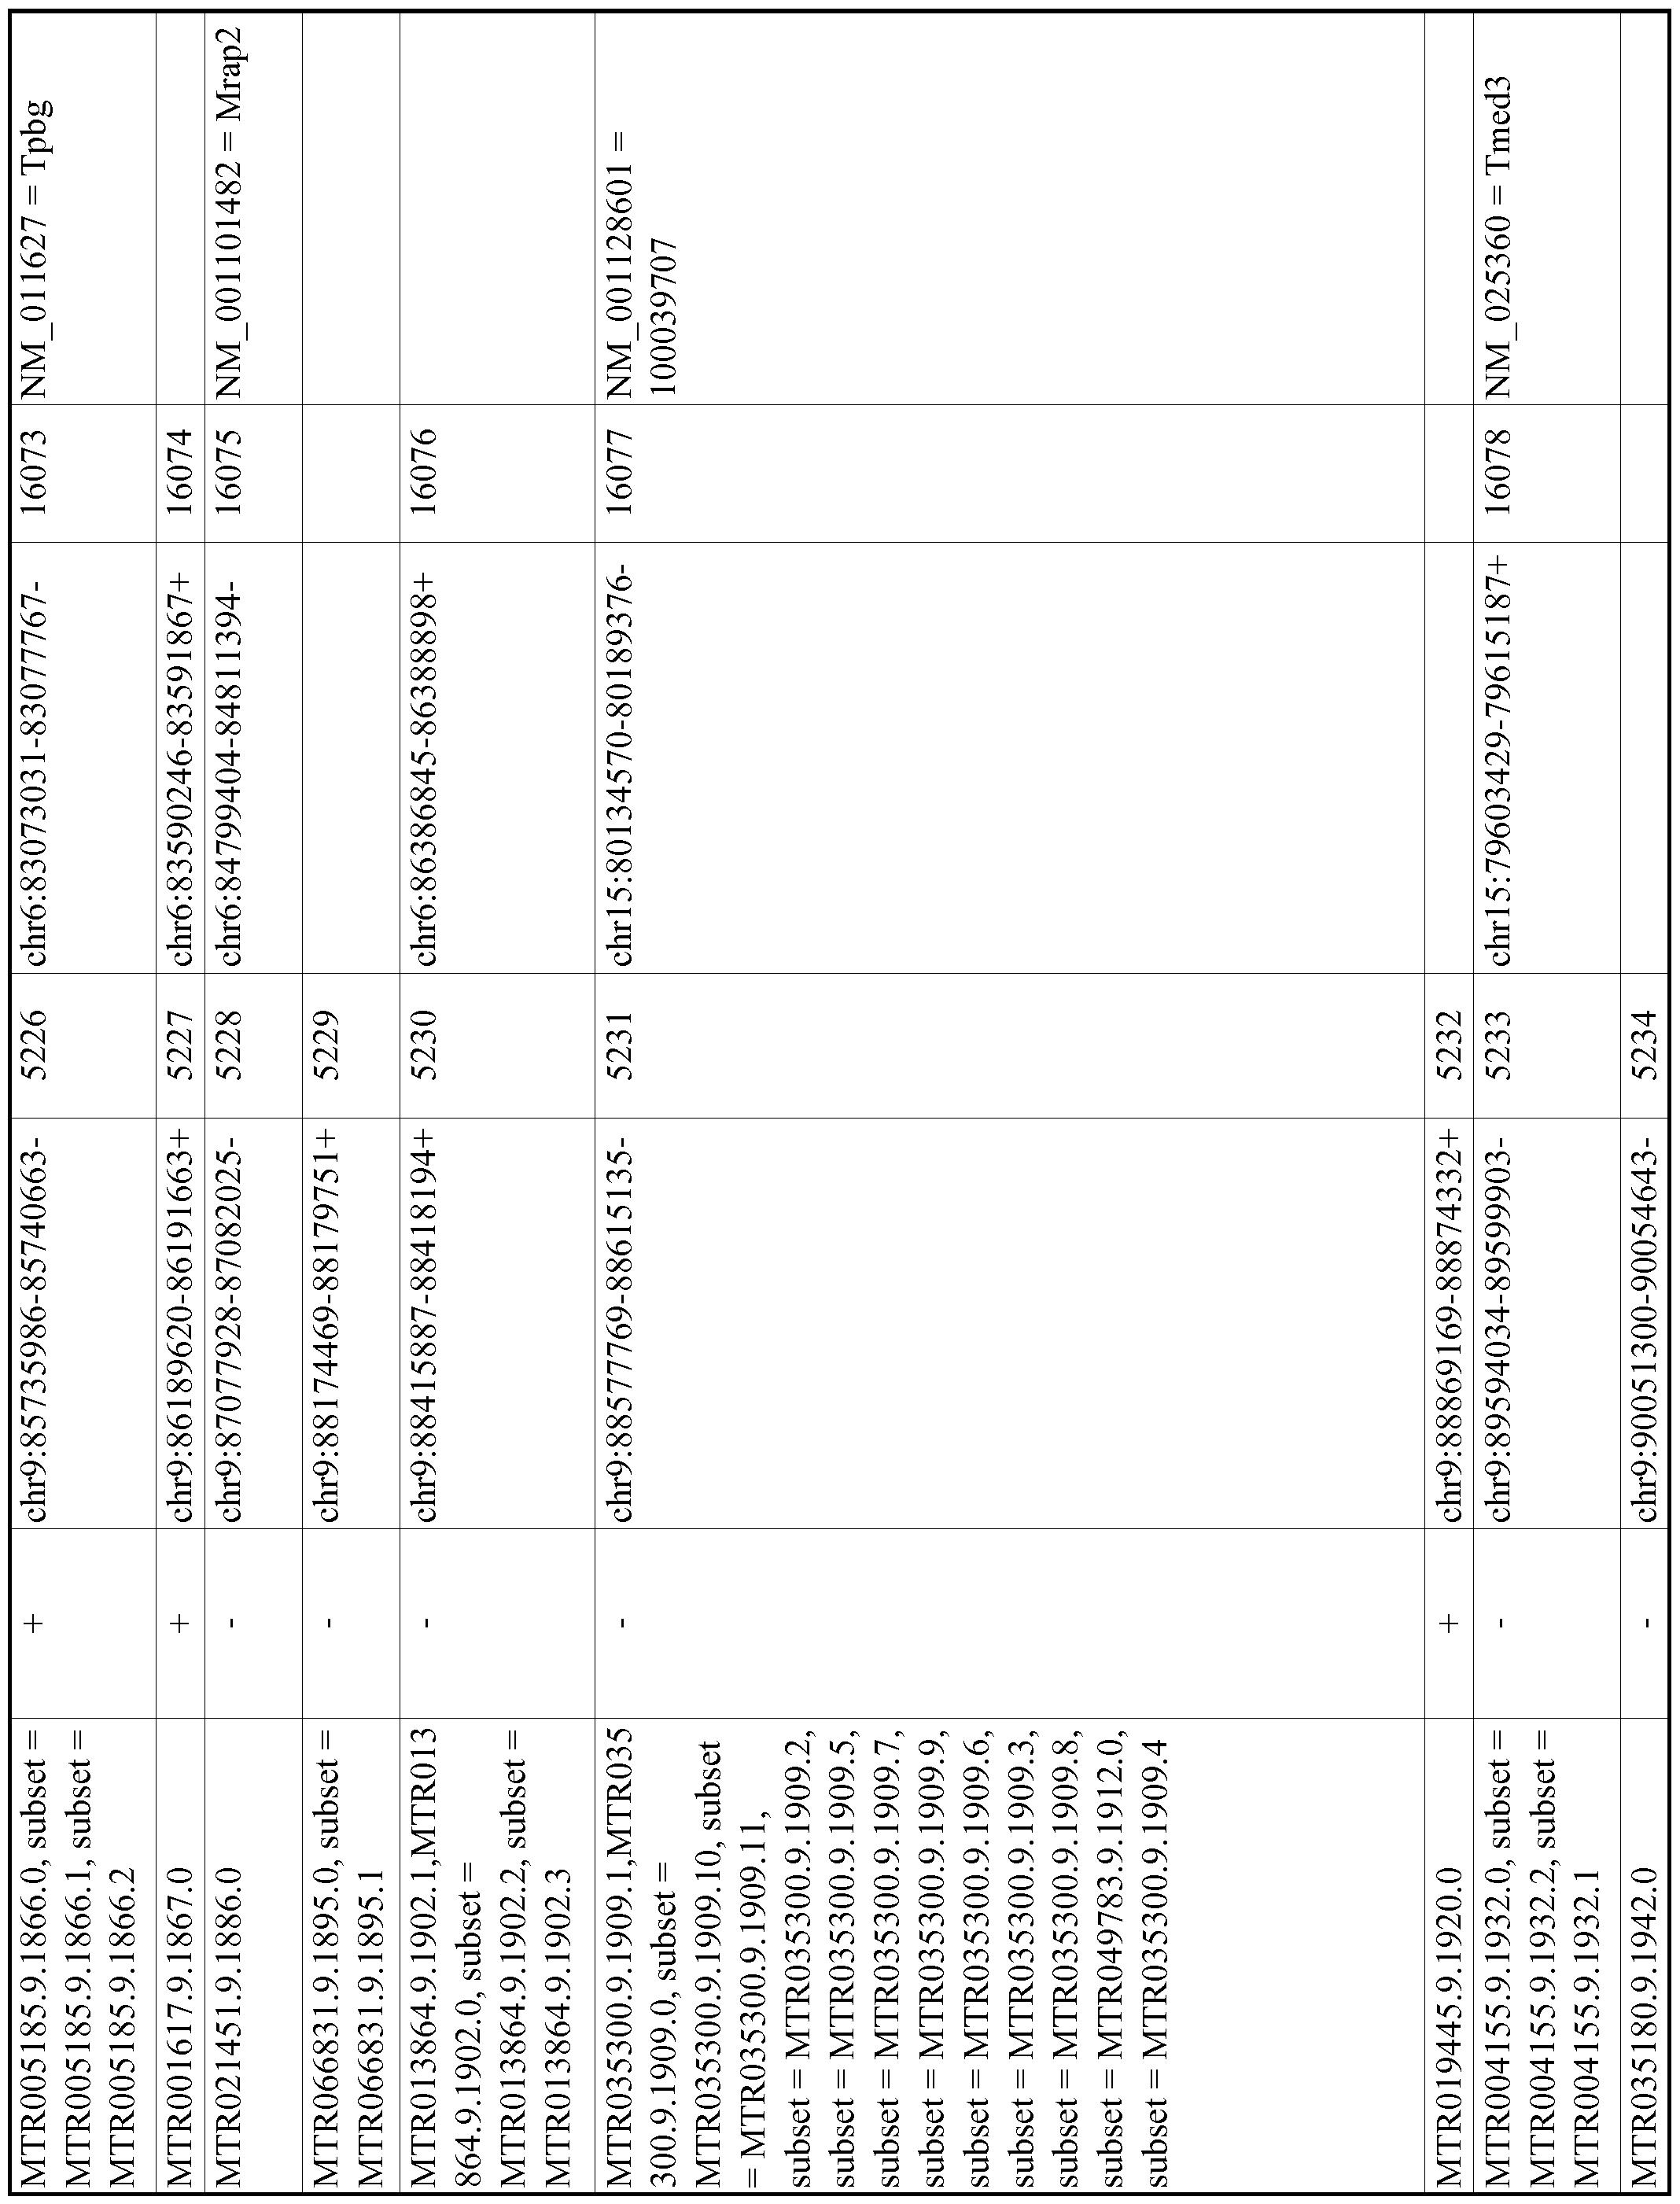 Figure imgf000948_0001